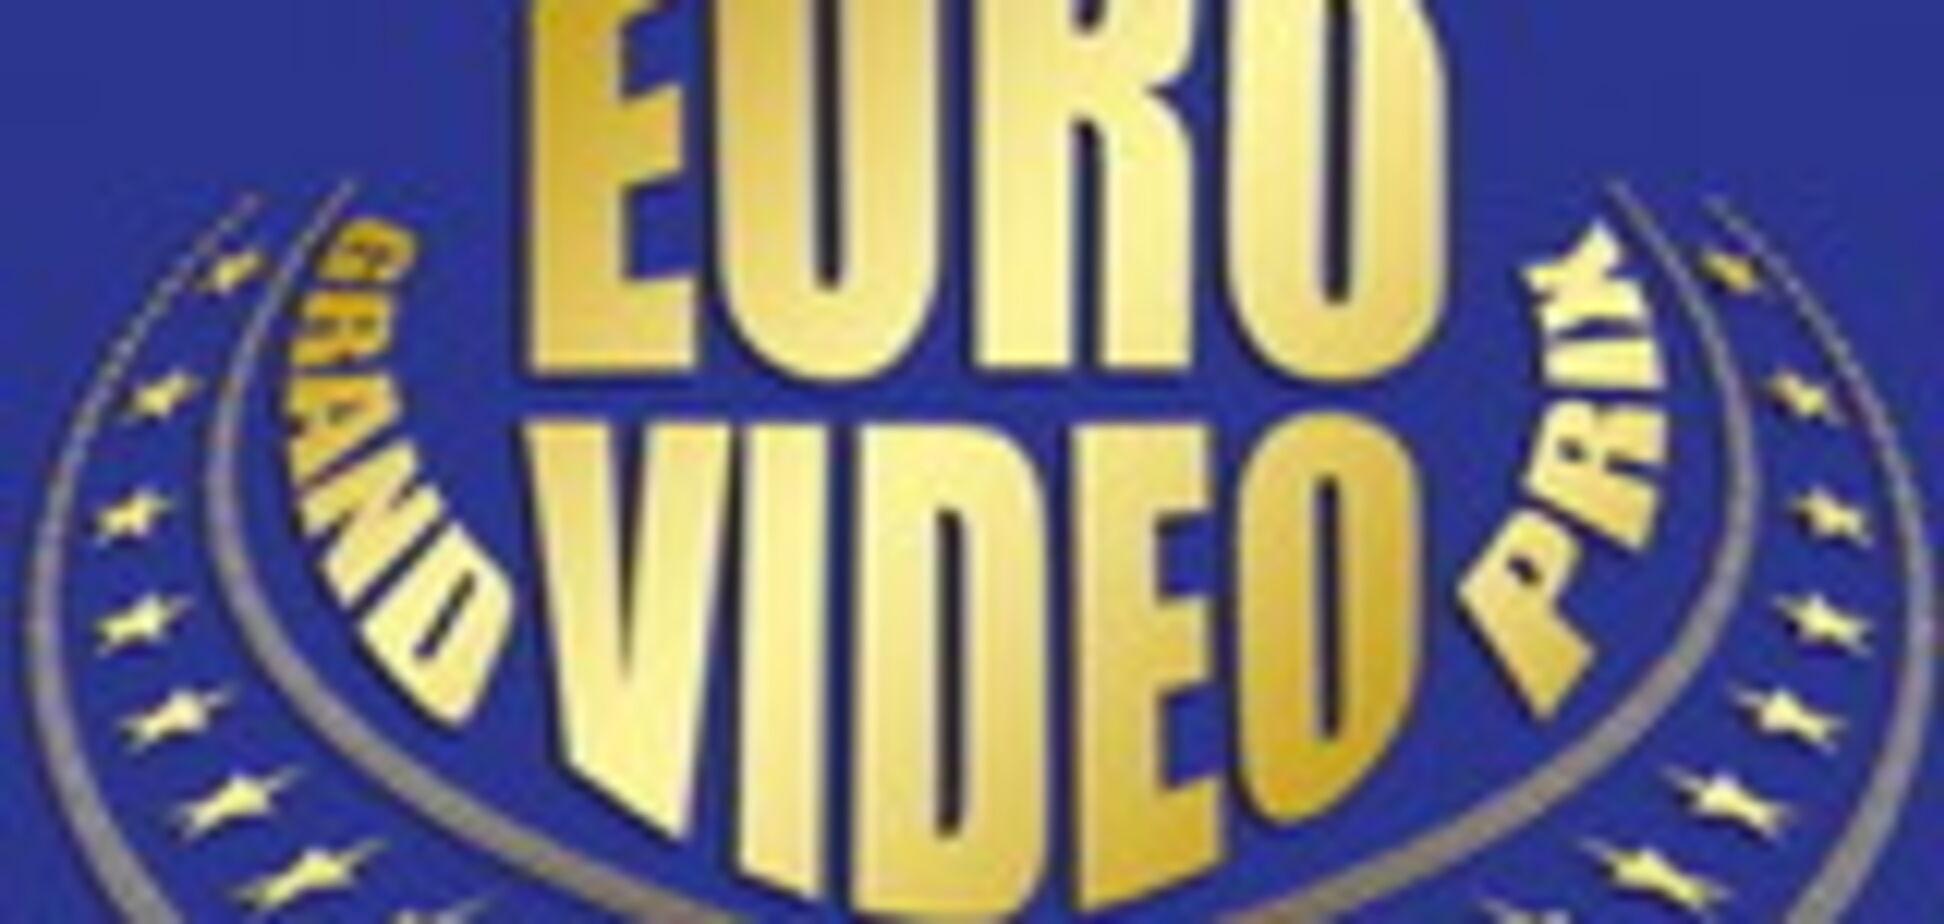 Після 'Євробачення' Україна жадає реваншу на Euro Video